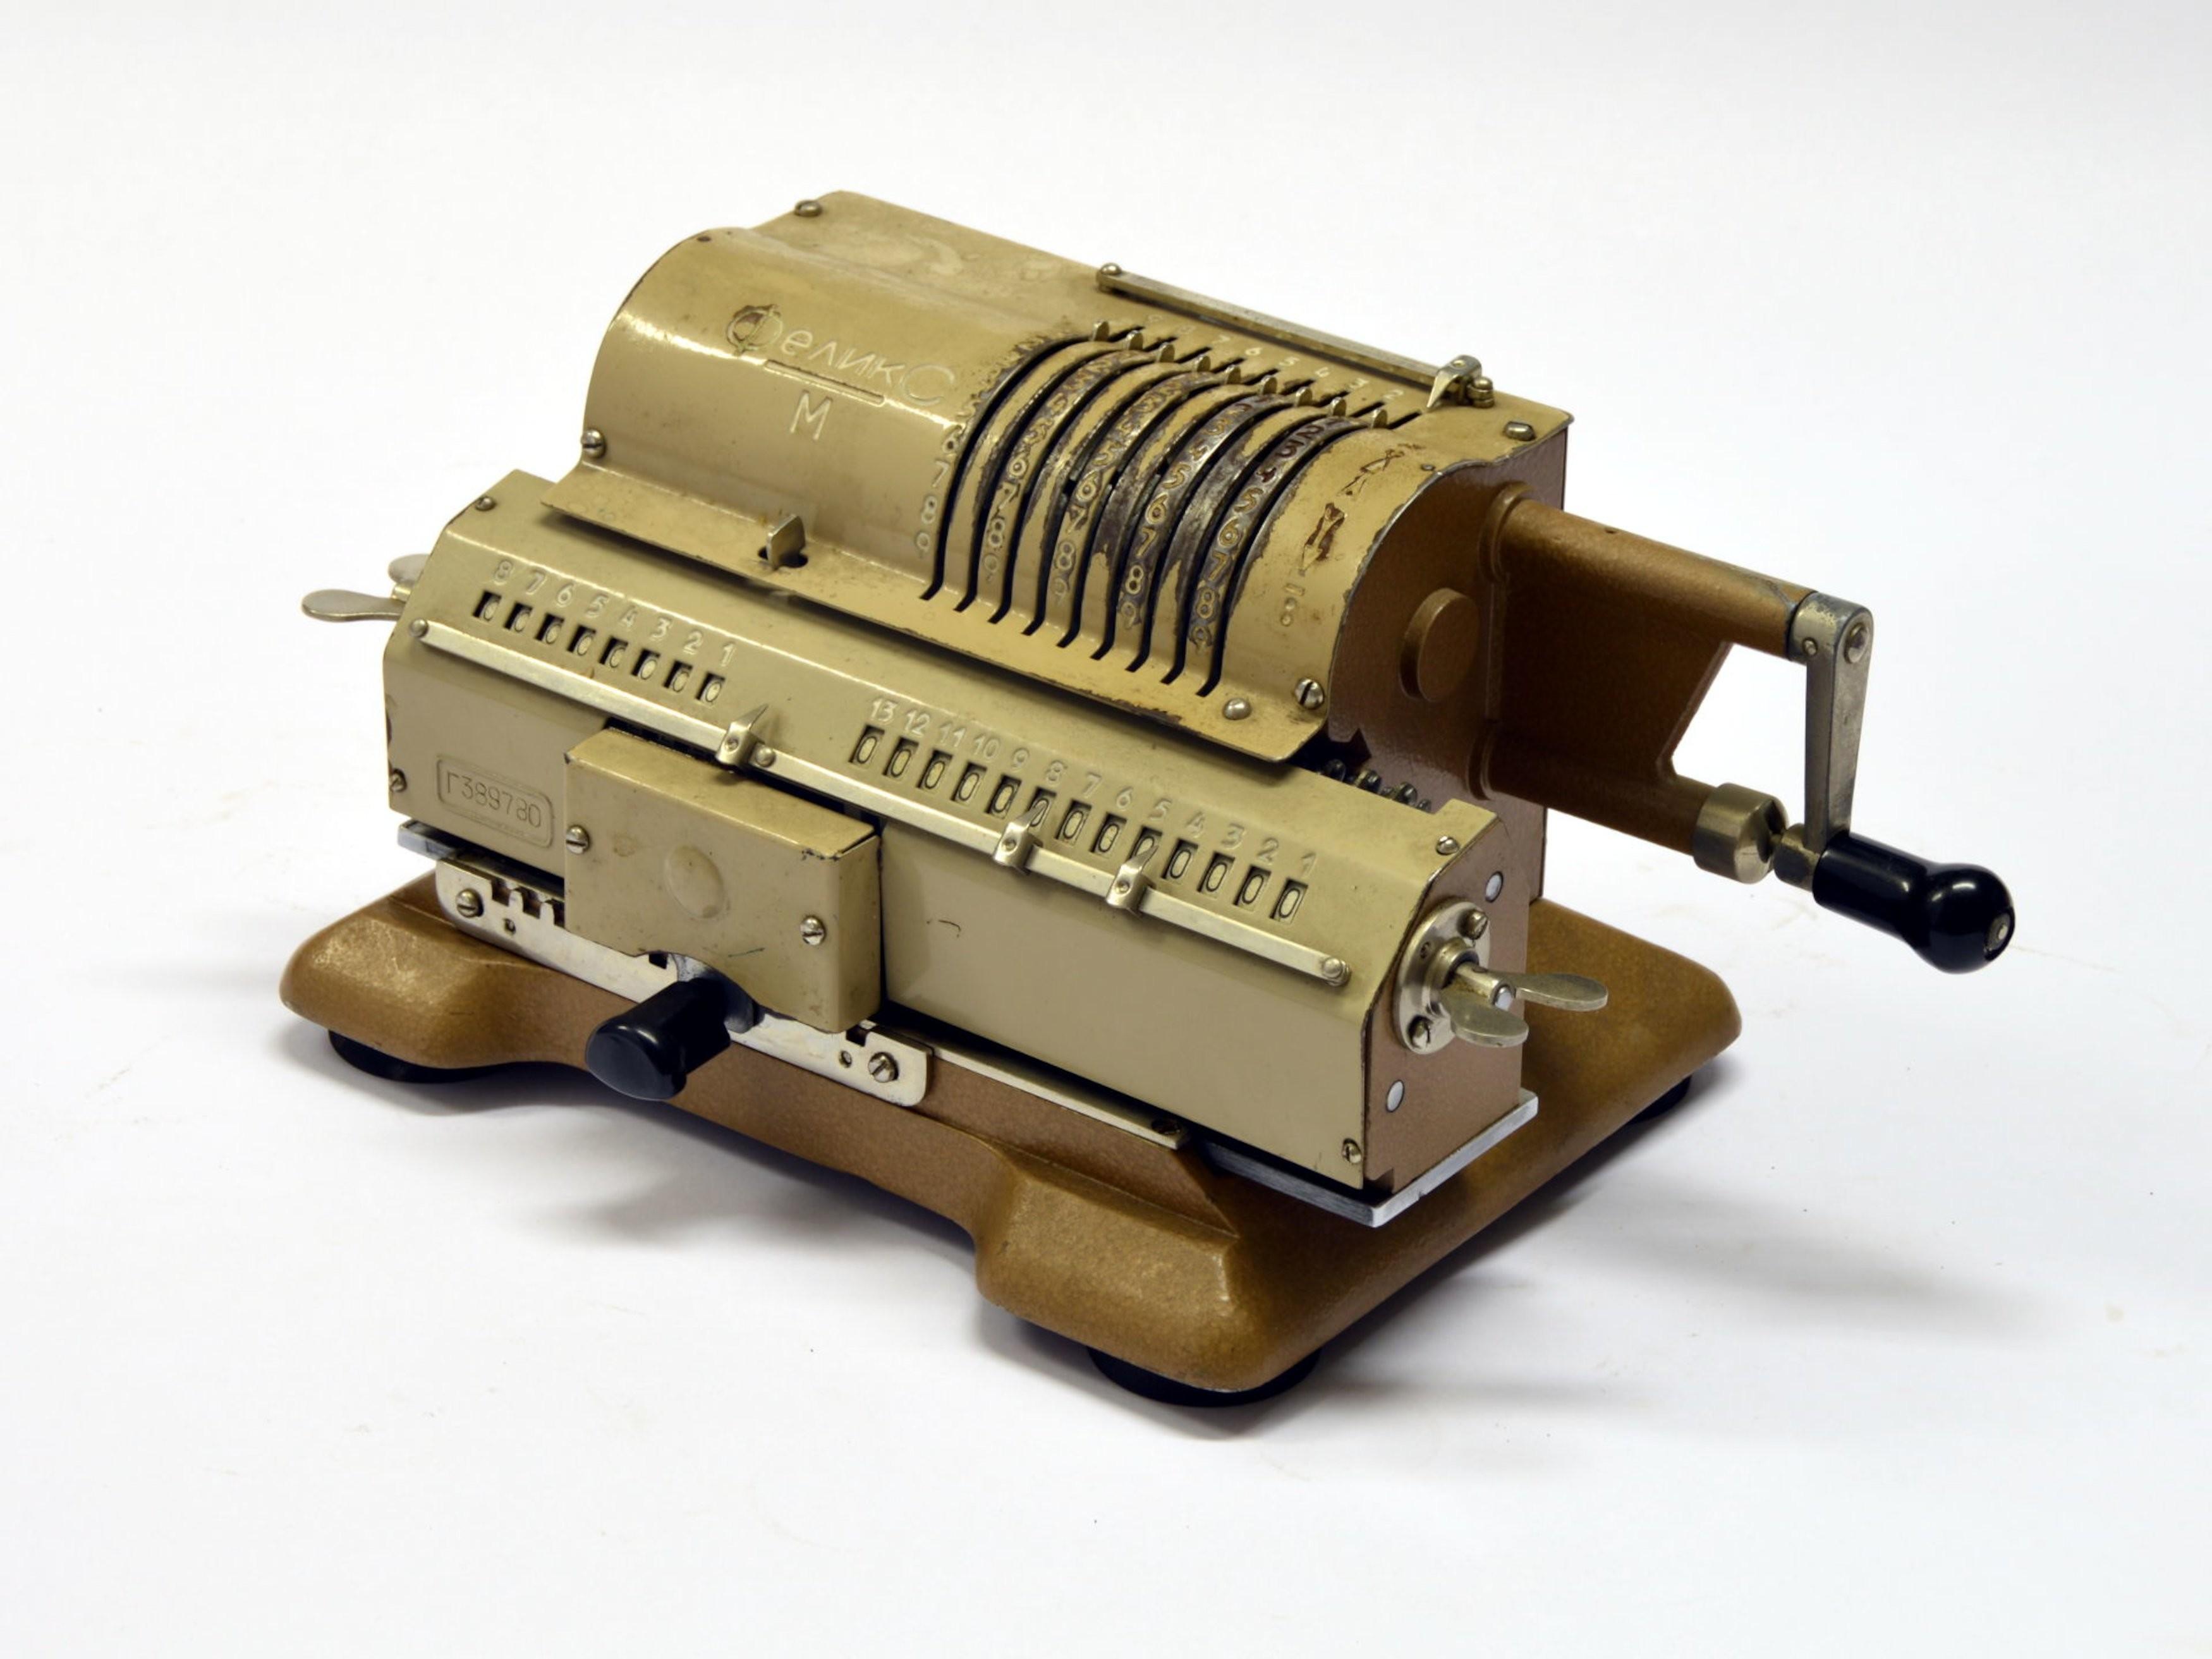 mechanische-rechenmaschine--felix-modell-m-7420.jpg